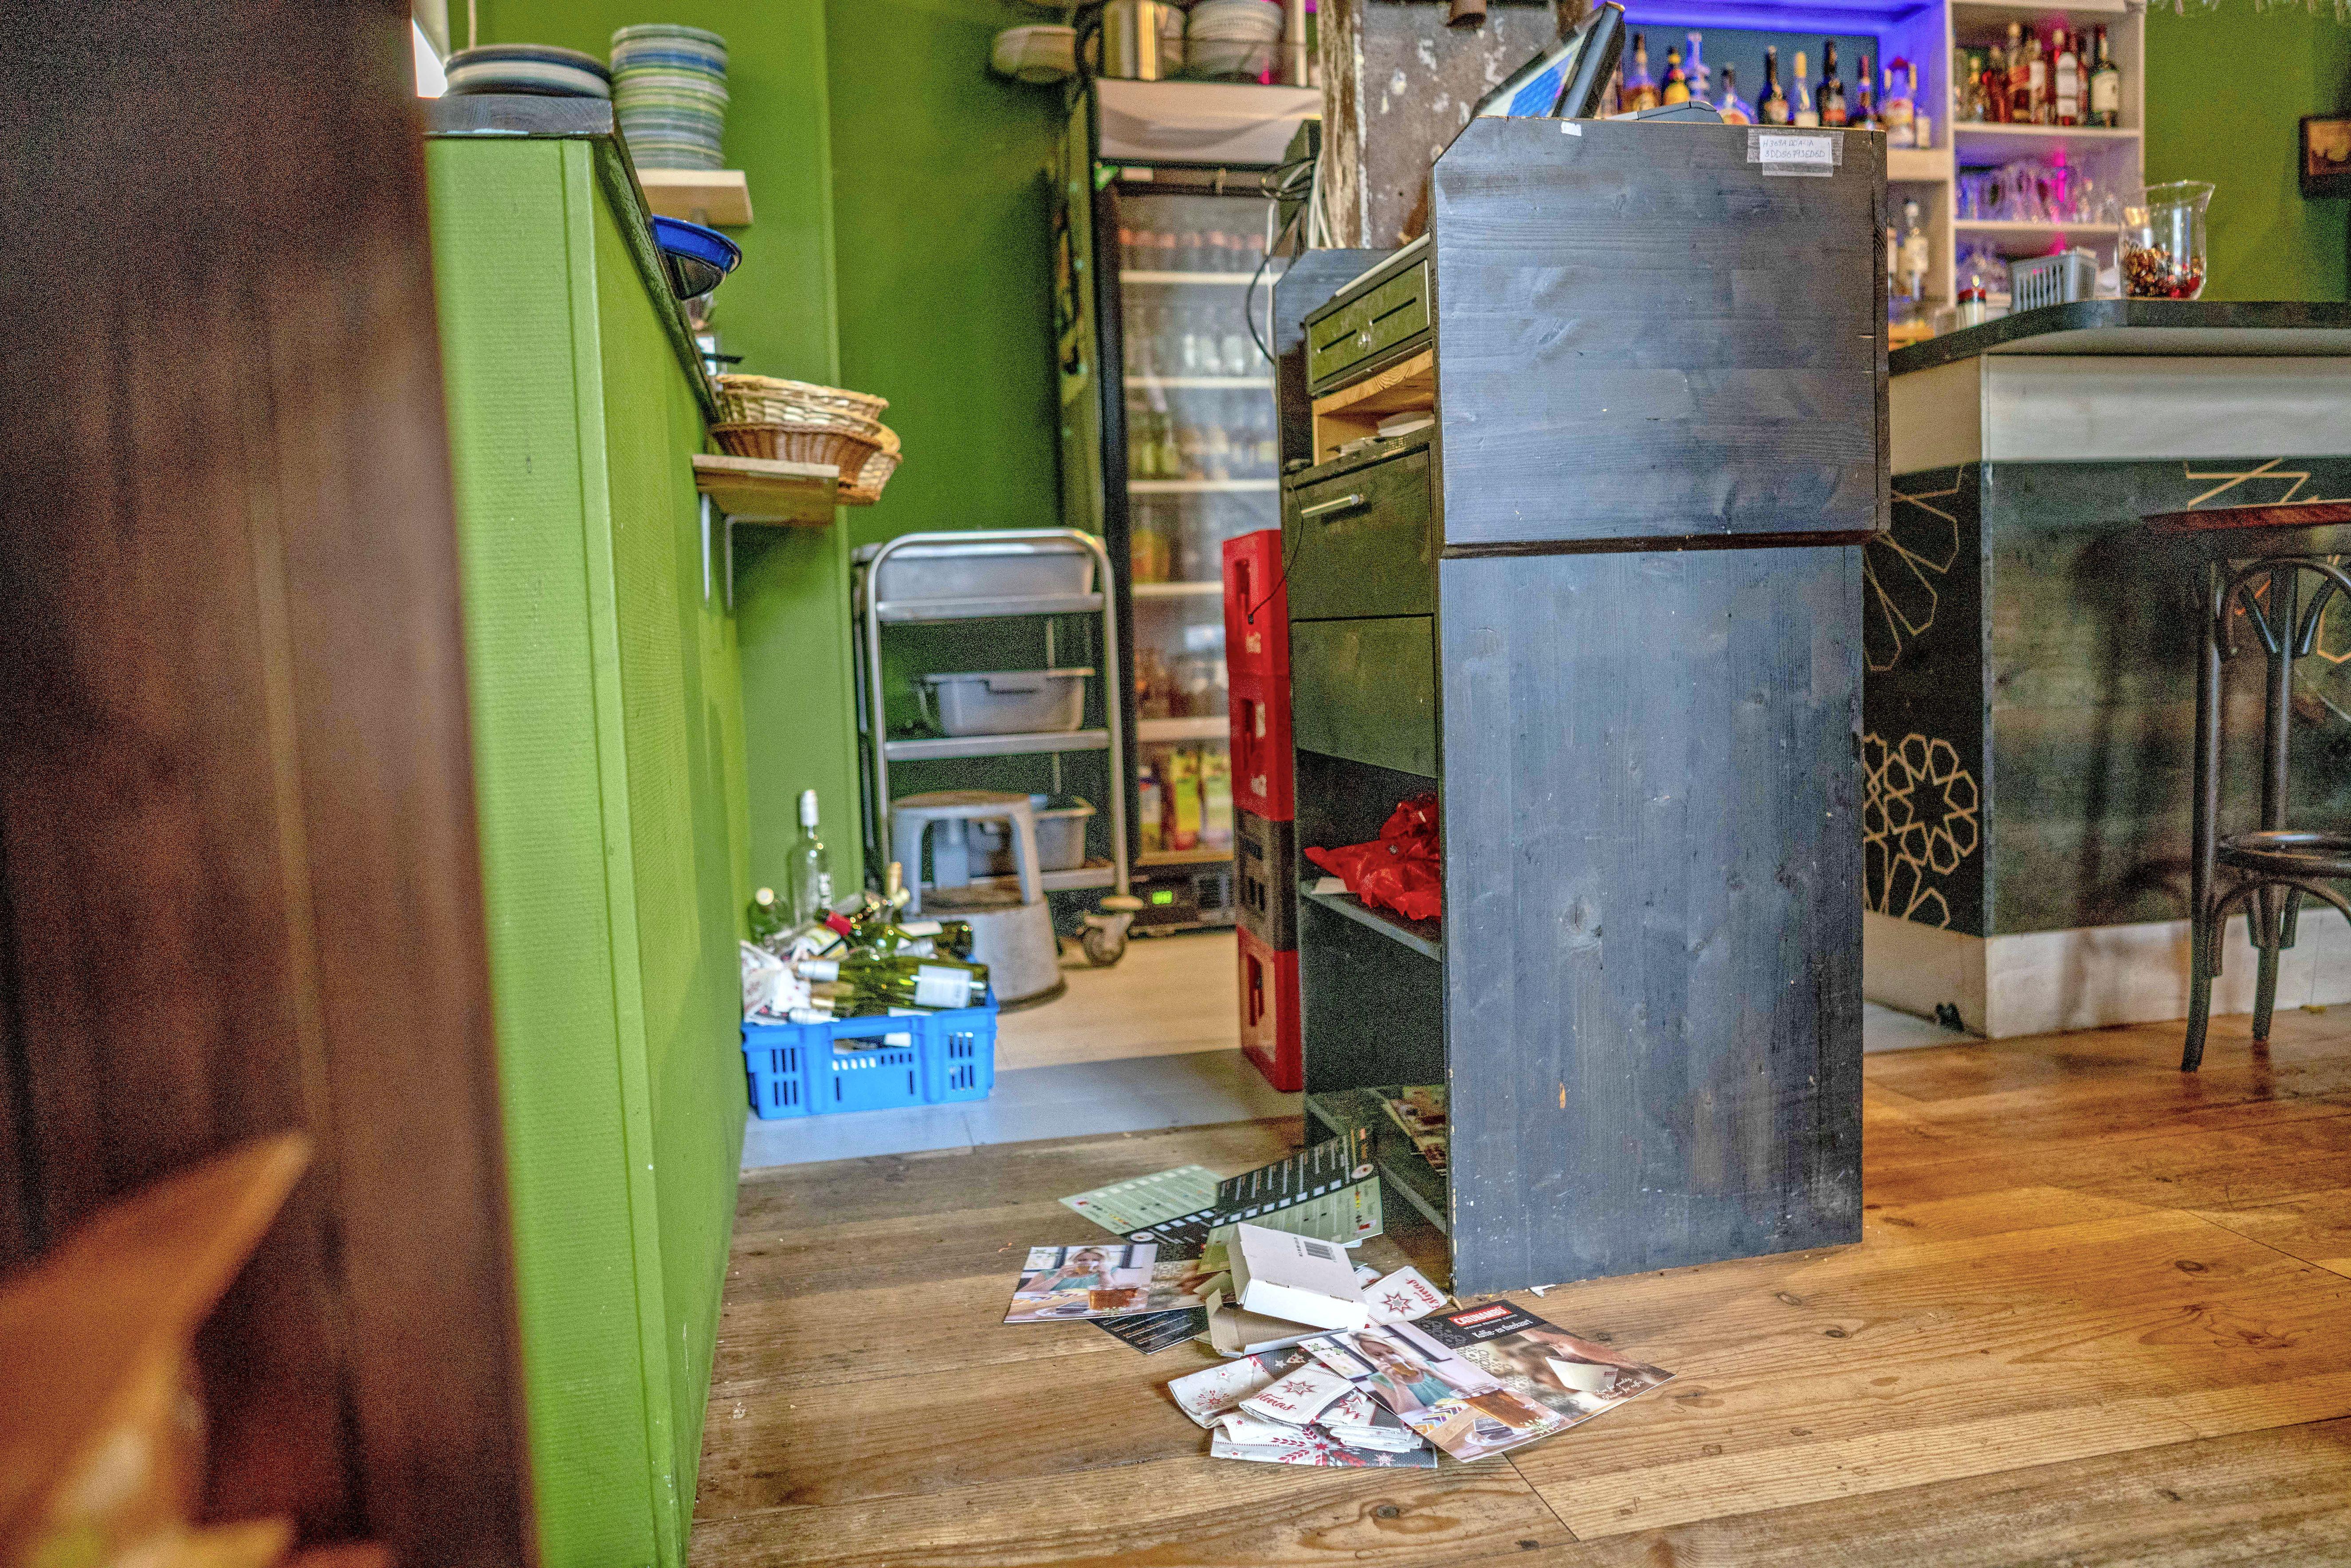 Inbrekers stelen de kluis uit horecazaak Kunst & Kitchen in Den Helder. De opvallende stem van een van de dieven doet hem mogelijk de das om